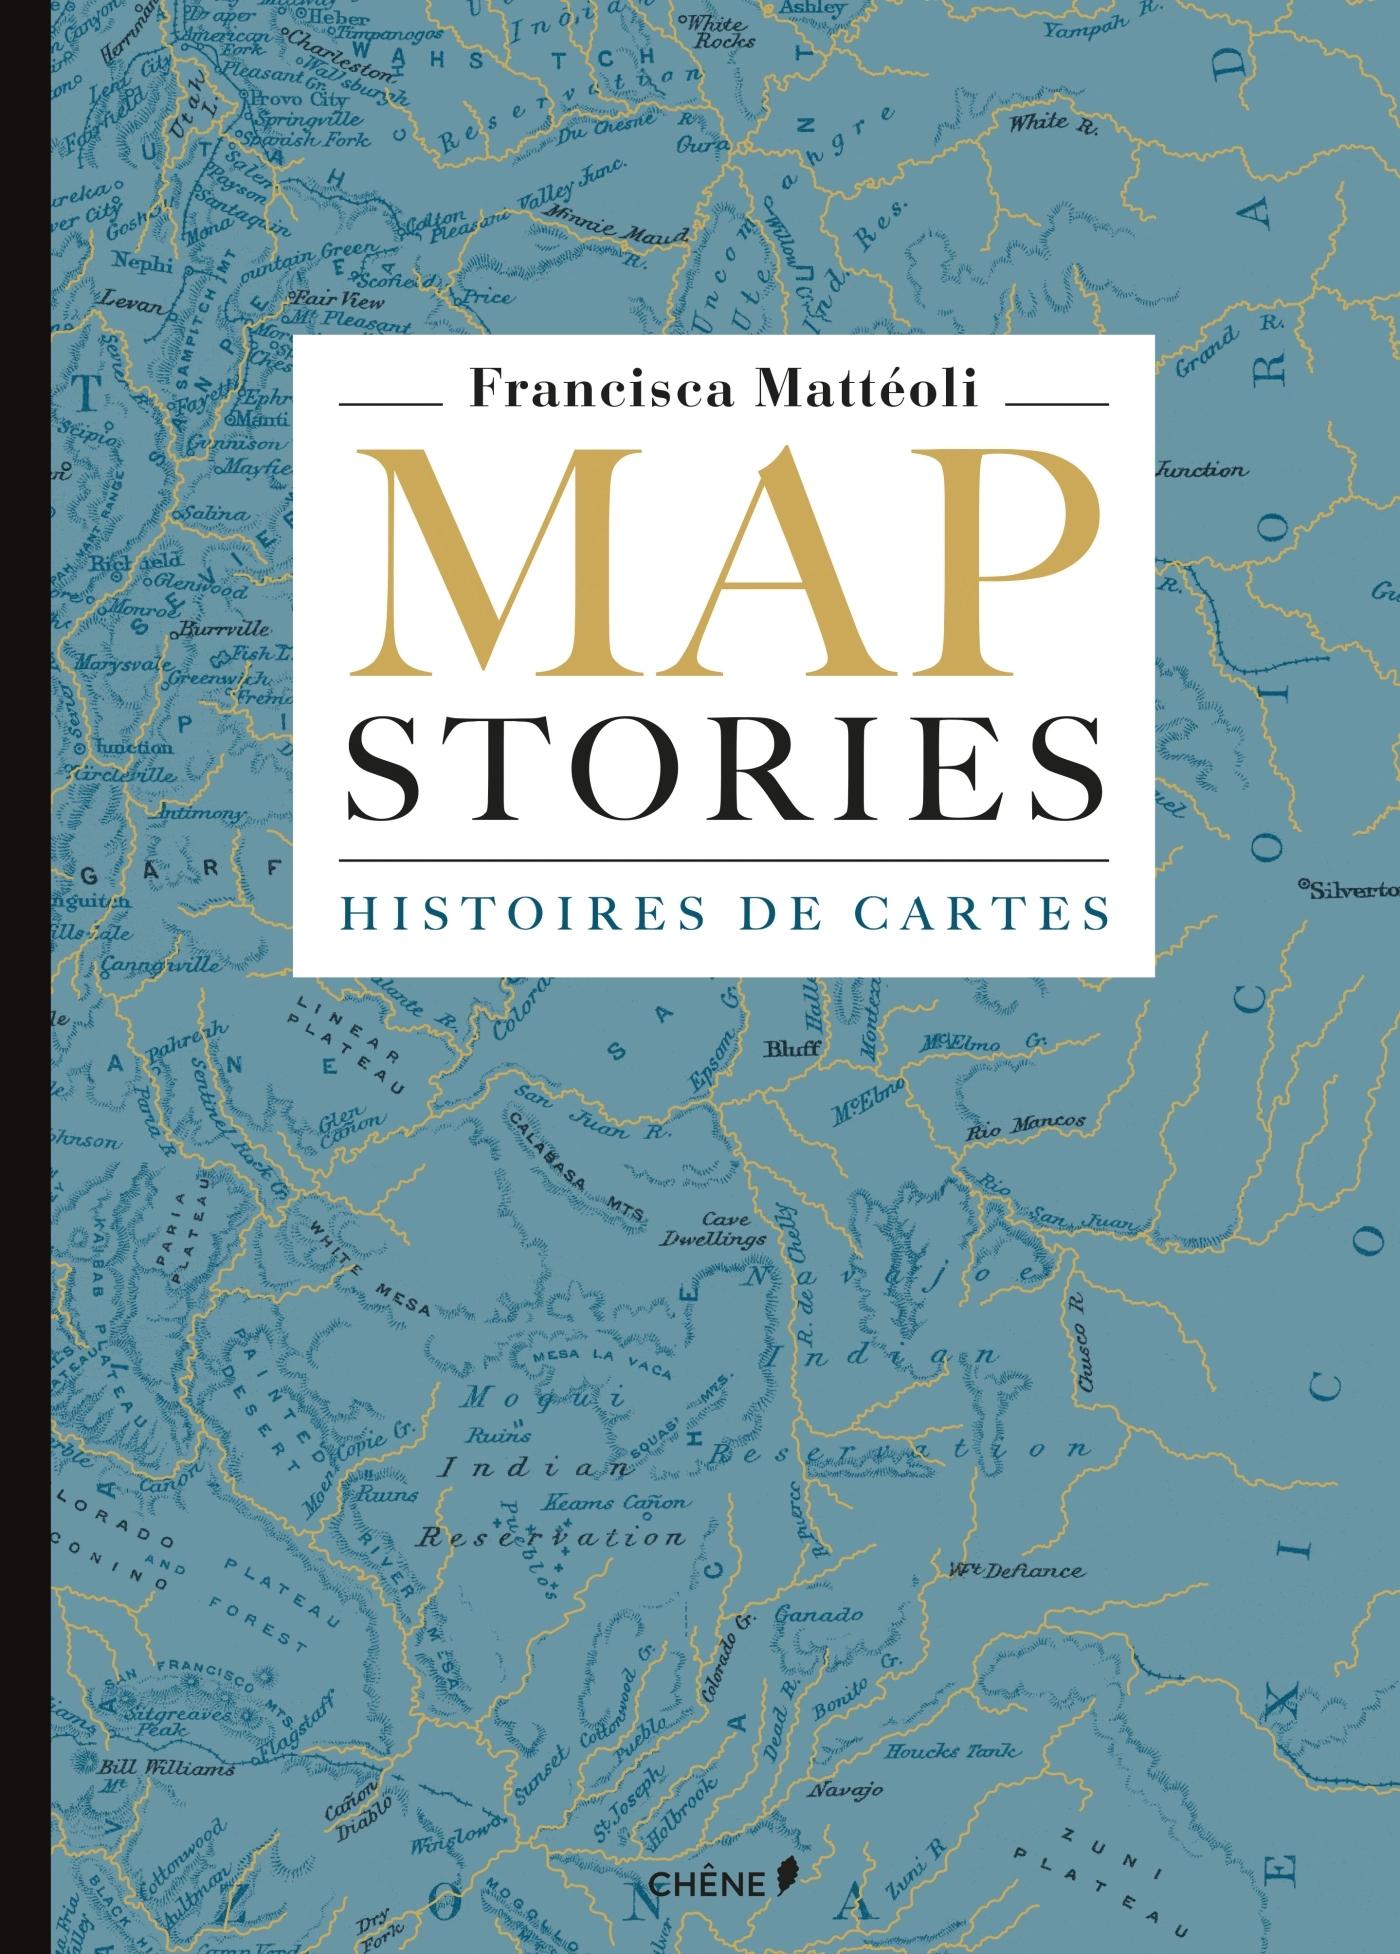 MAP STORIES, HISTOIRES DE CARTES